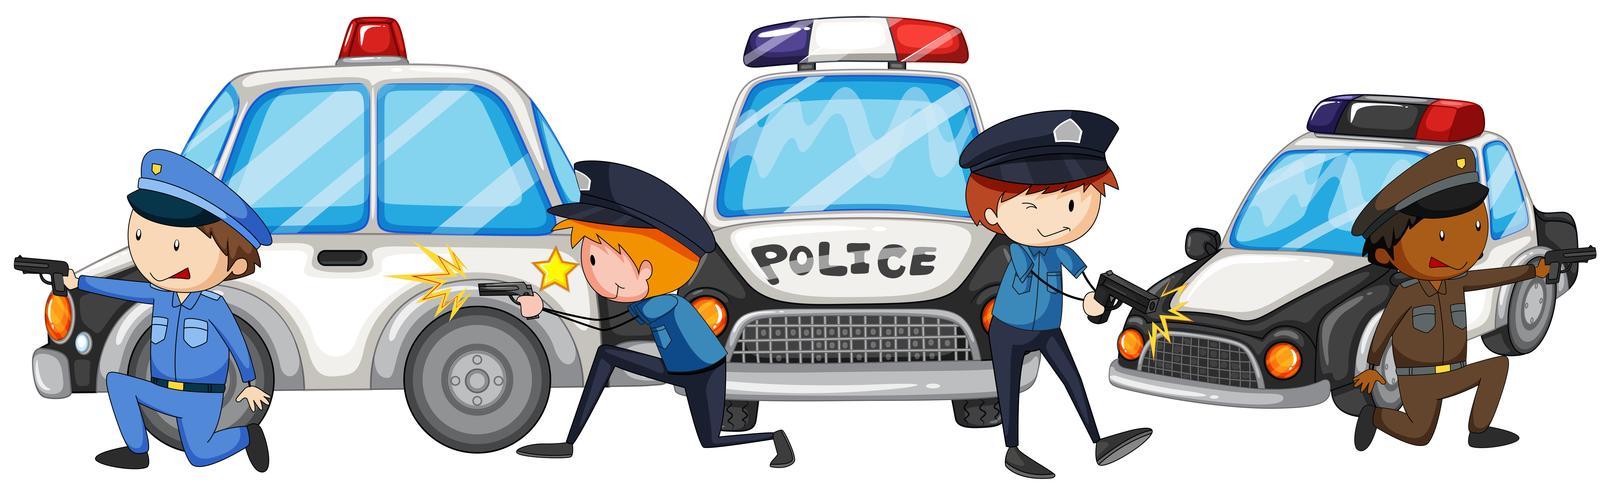 Policía con pistola junto a los coches de policía.